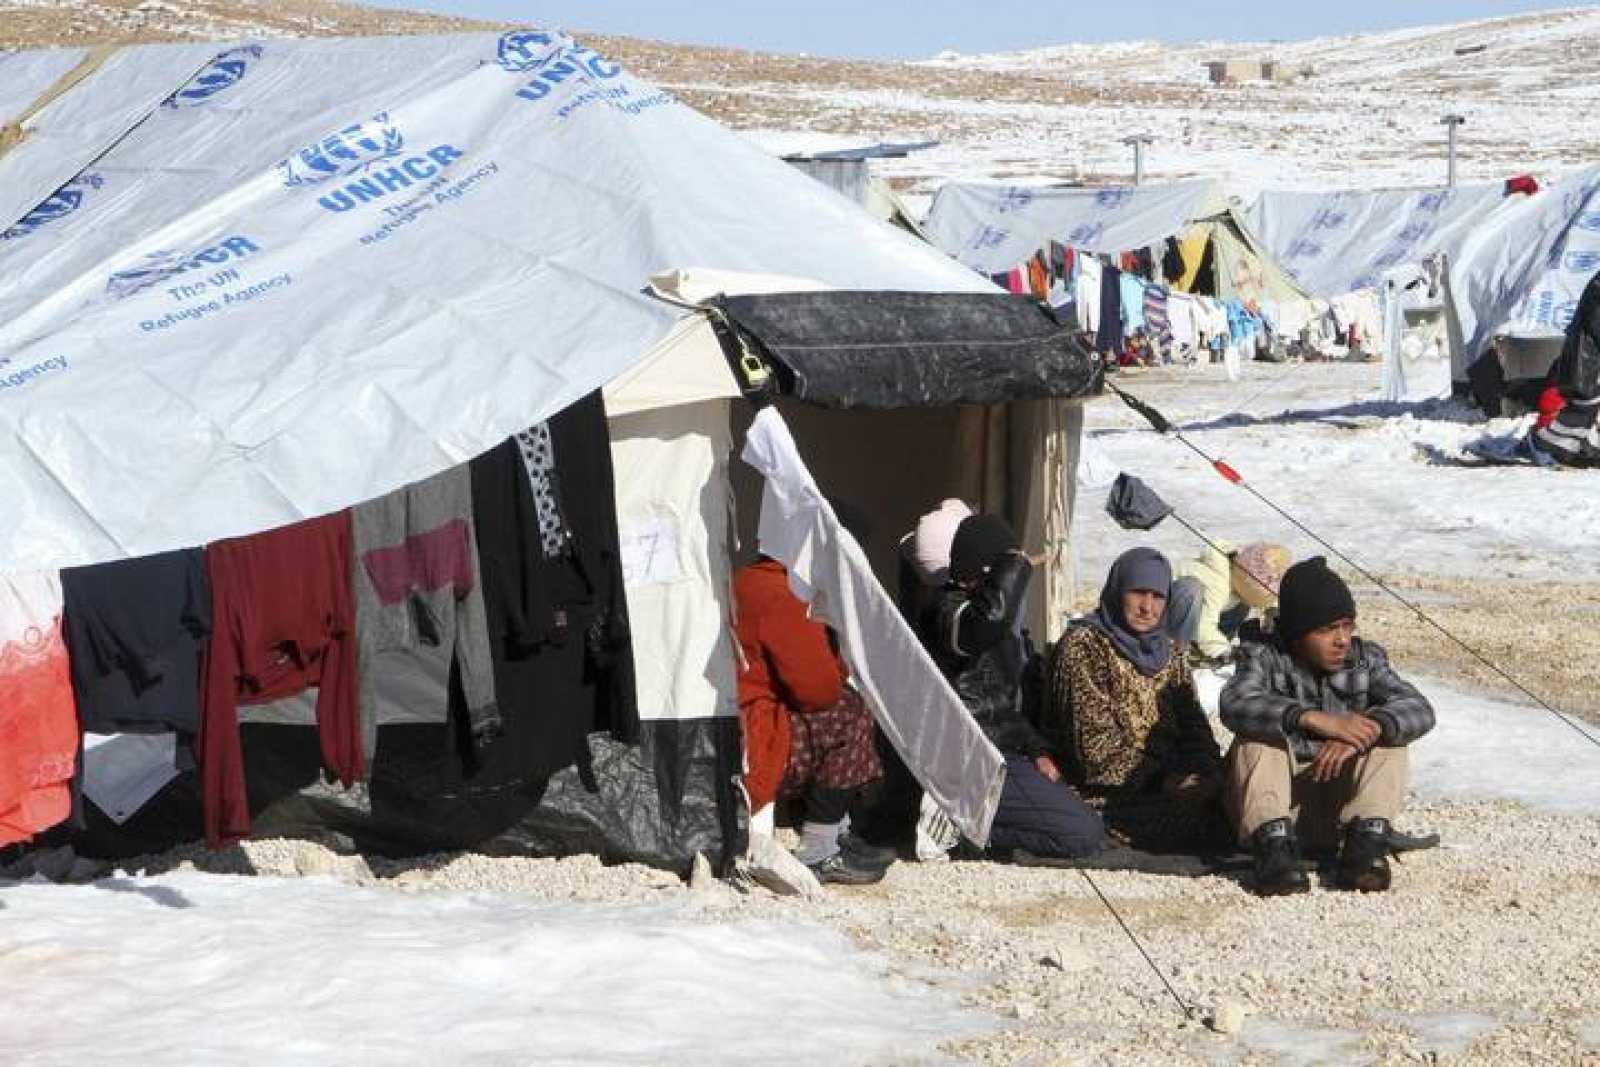 Los refugiados sirios se enfrentan a uno de los inviernos más crudos de los últimos años.